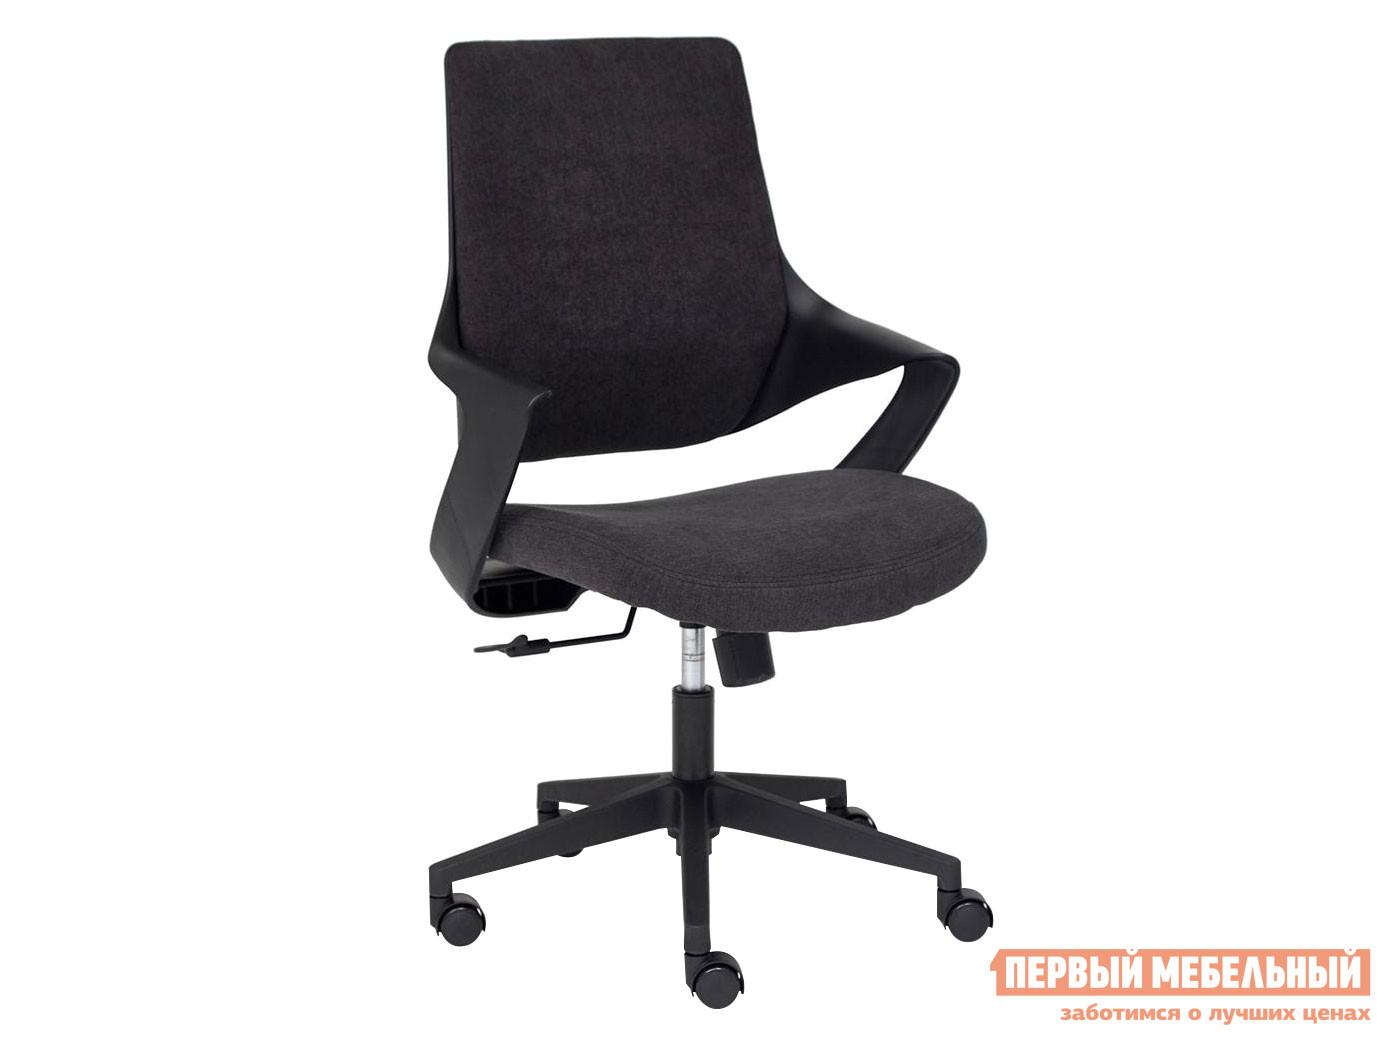 Офисное кресло  Кресло WAVE Ткань / Черный — Кресло WAVE Ткань / Черный